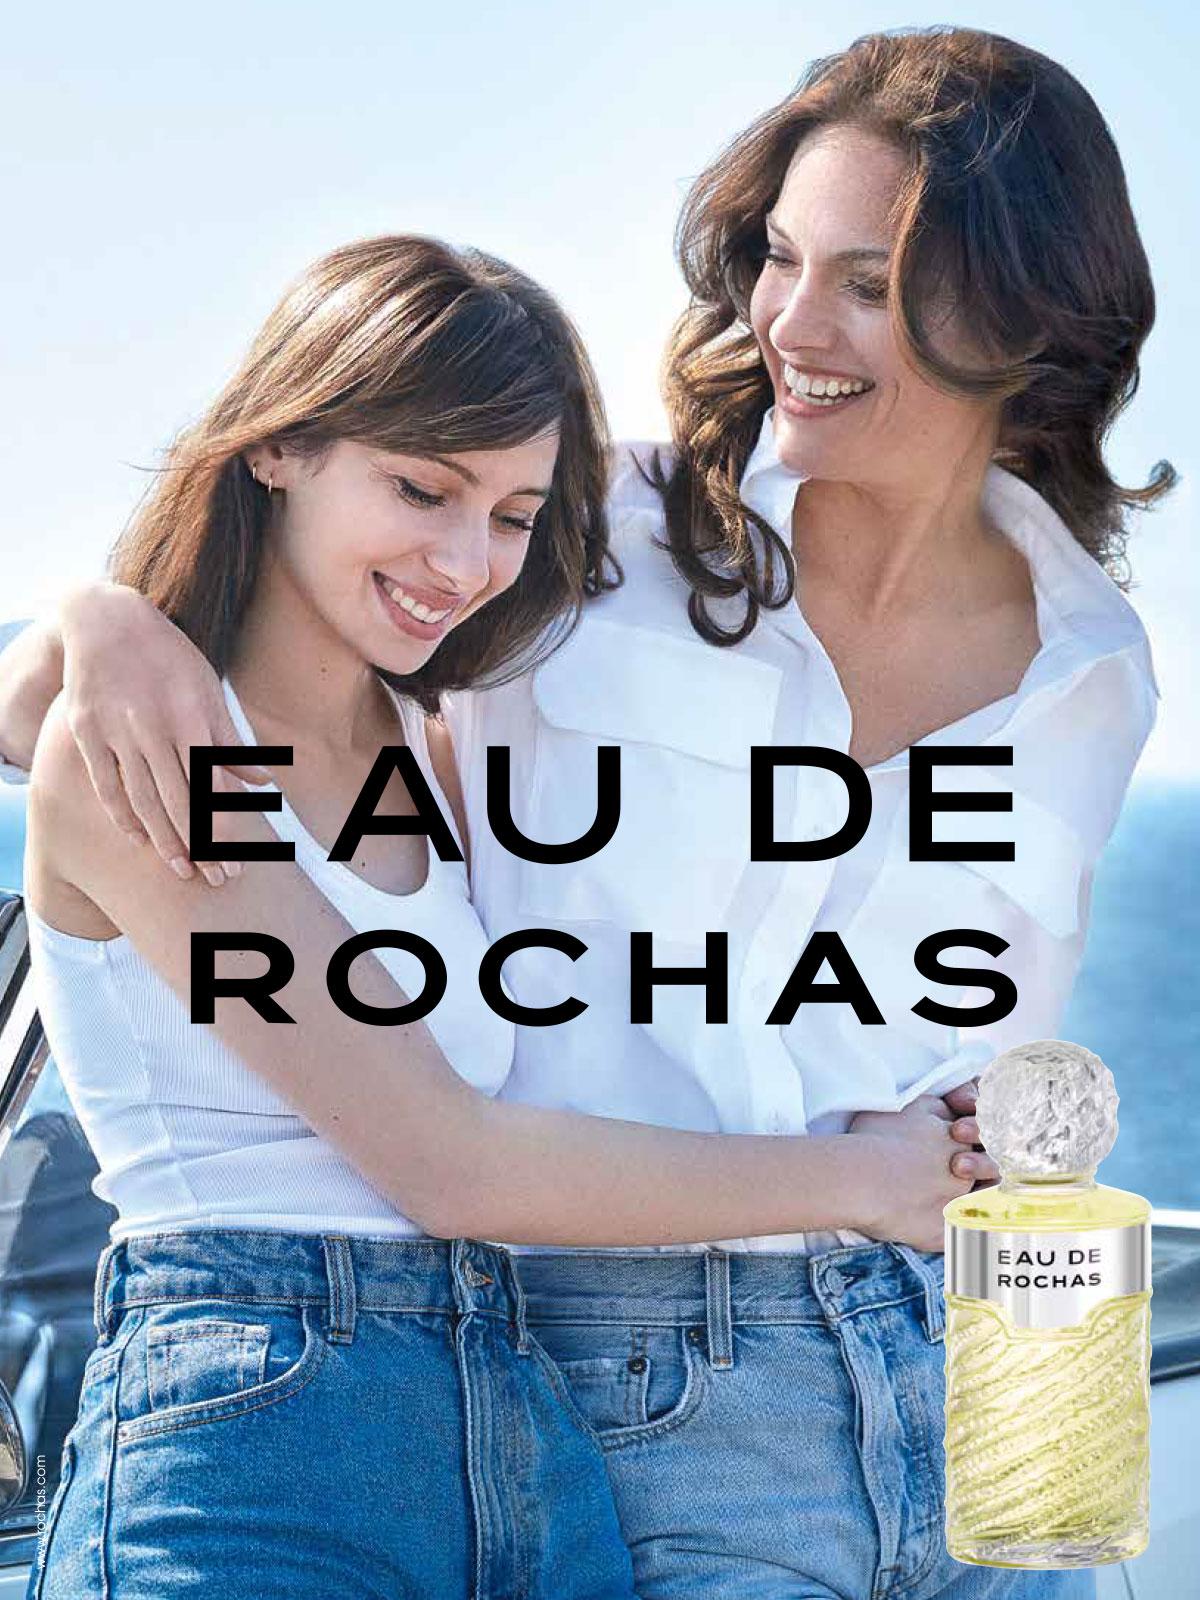 Ein Bild von einem Rochas Parfum Visual